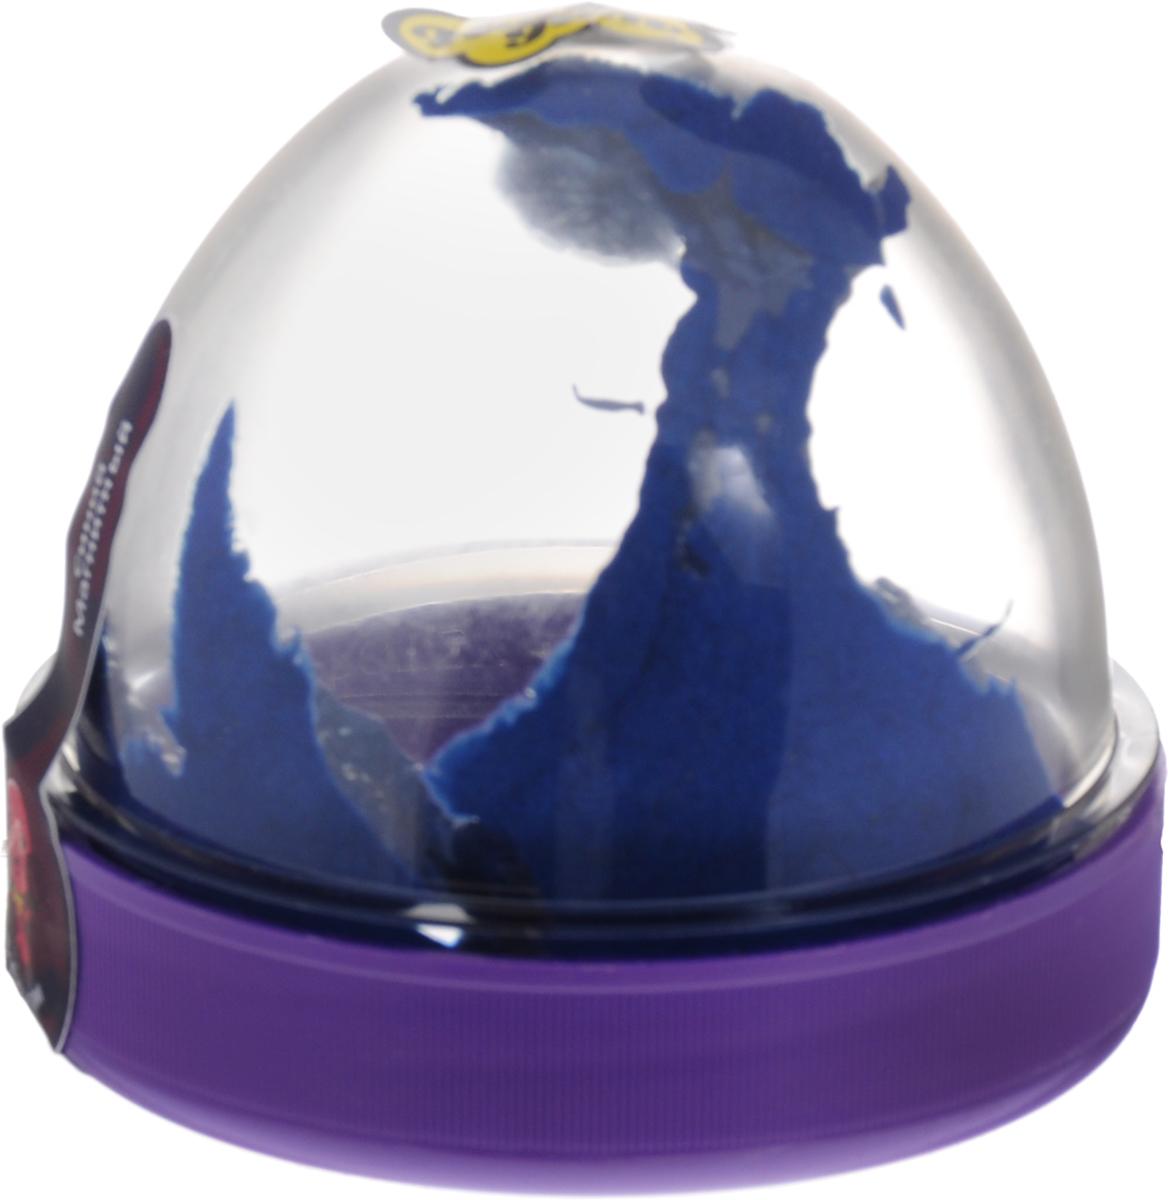 HandGum Жвачка для рук цвет синий 35 г329/35Жвачка для рук HandGum с ароматом бубль-гум лепится как пластилин, и разбивается на куски как стекло, если ударить по ней молотком. В состоянии покоя она растекается, как обычная жидкость, даже капает с любых поверхностей. Эта жвачка играет с магнитом. Если приложить к ней магнит, то вы увидите, как жвачка для рук втянет его в себя. Также можно вытягивать части жвачки магнитом. Жвачка для рук HandGum является по сути железом, так как содержит безопасную мелкодисперсную металлическую пудру.